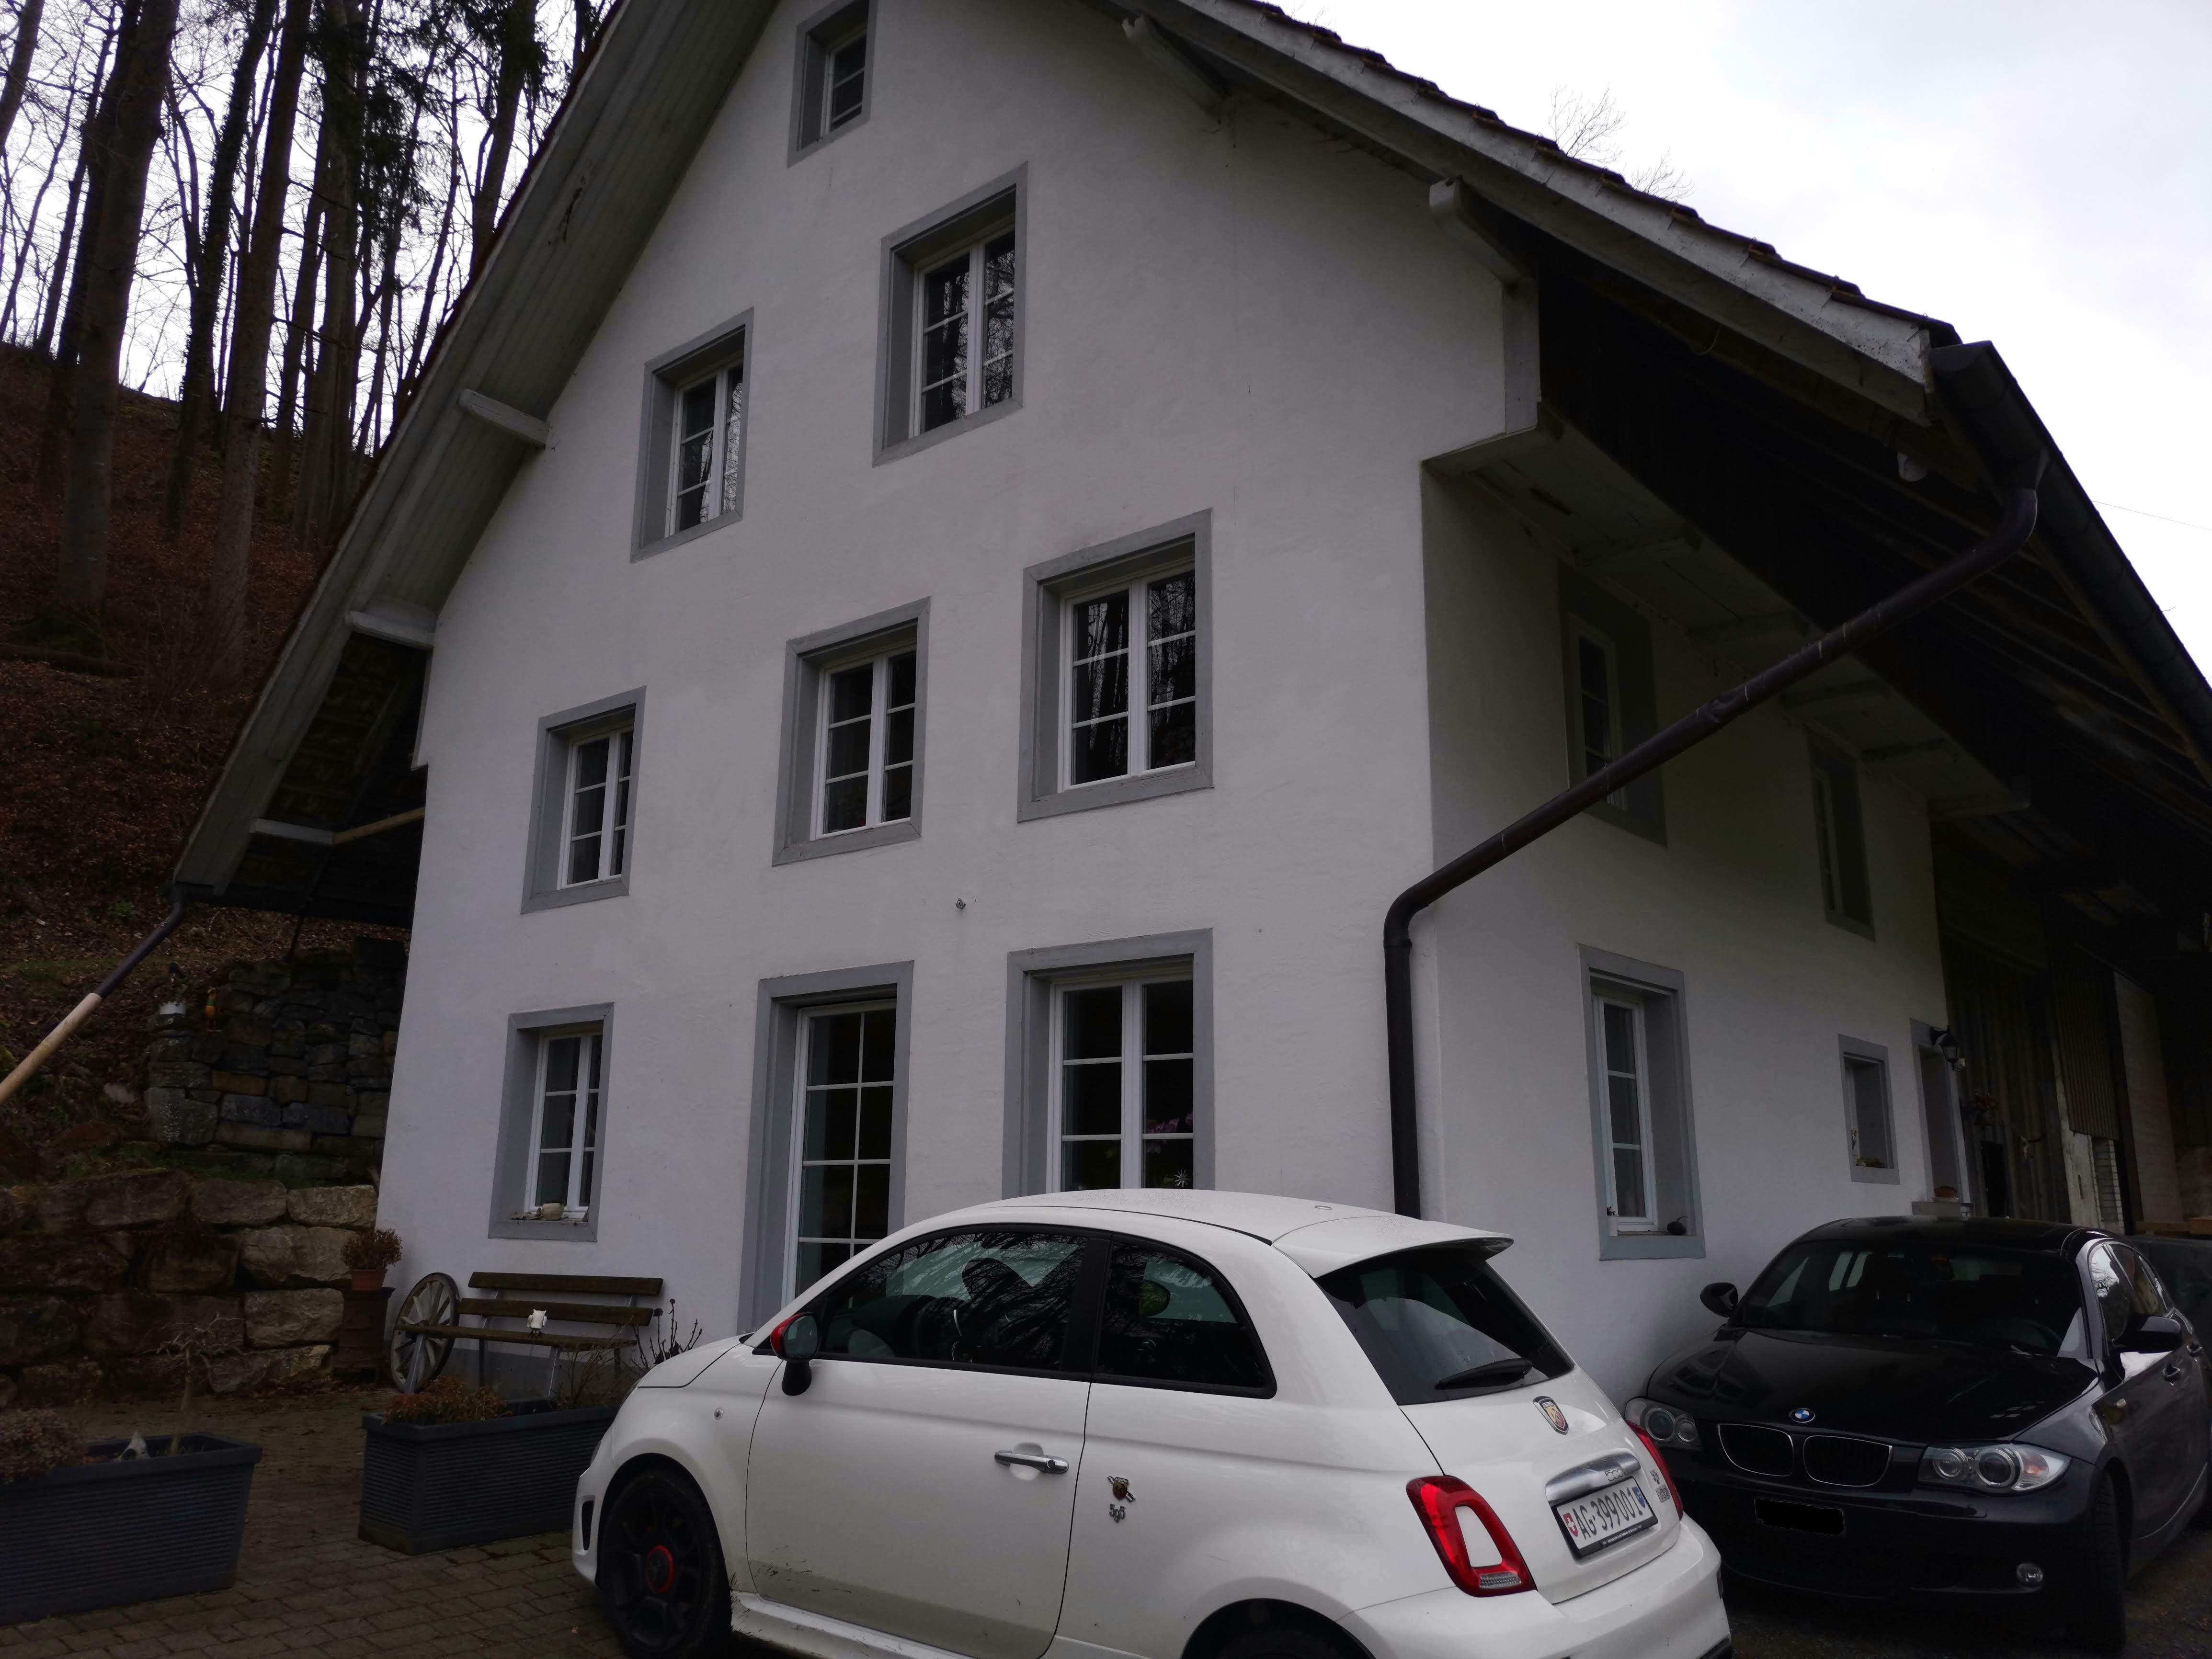 Bauernhaus auf dem Hauenstein